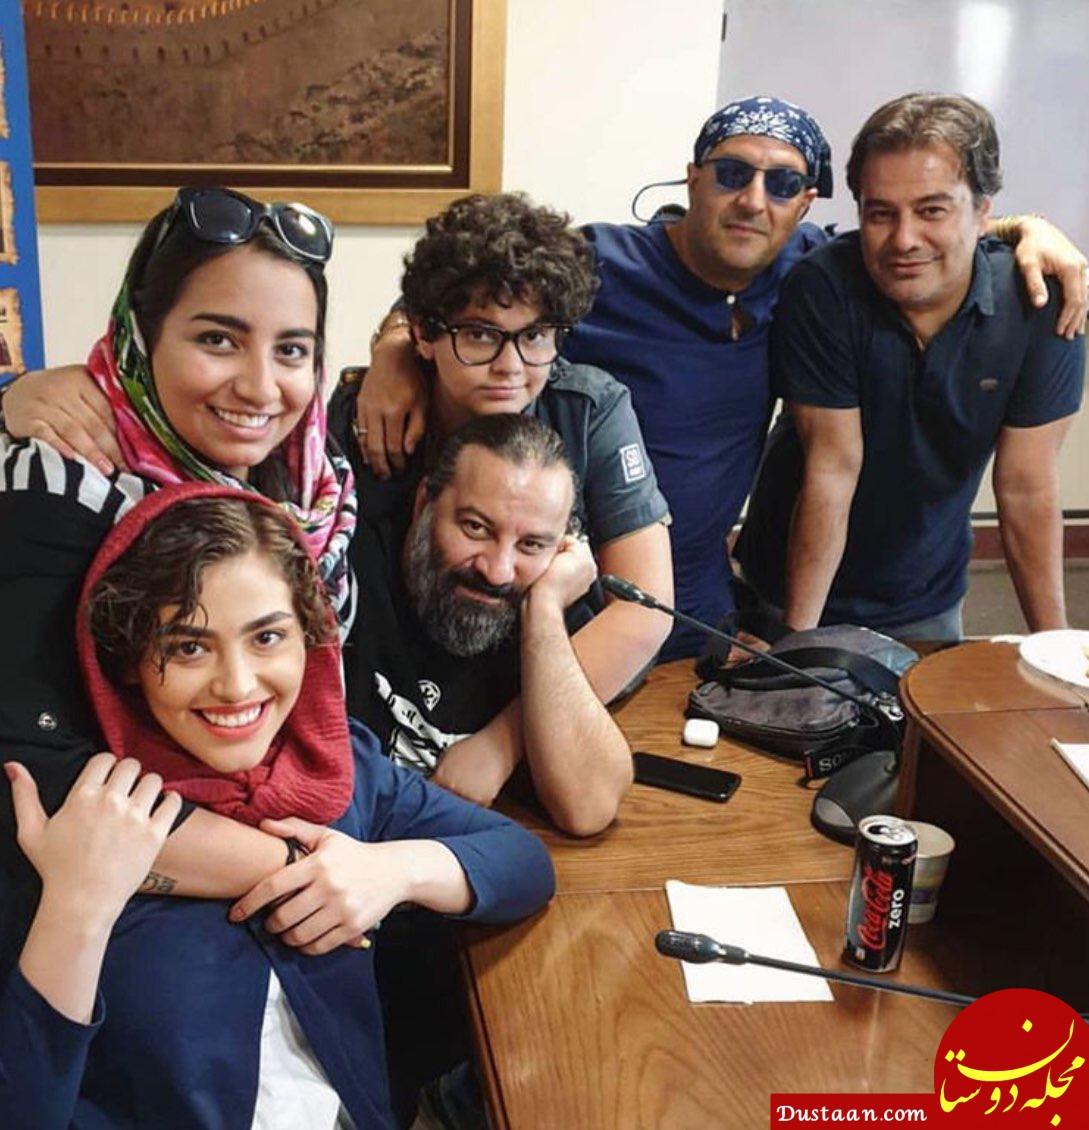 www.dustaan.com قاسمخانی ها در پشت صحنه فیلم سینمایی «خوب، بد، جلف ۲»